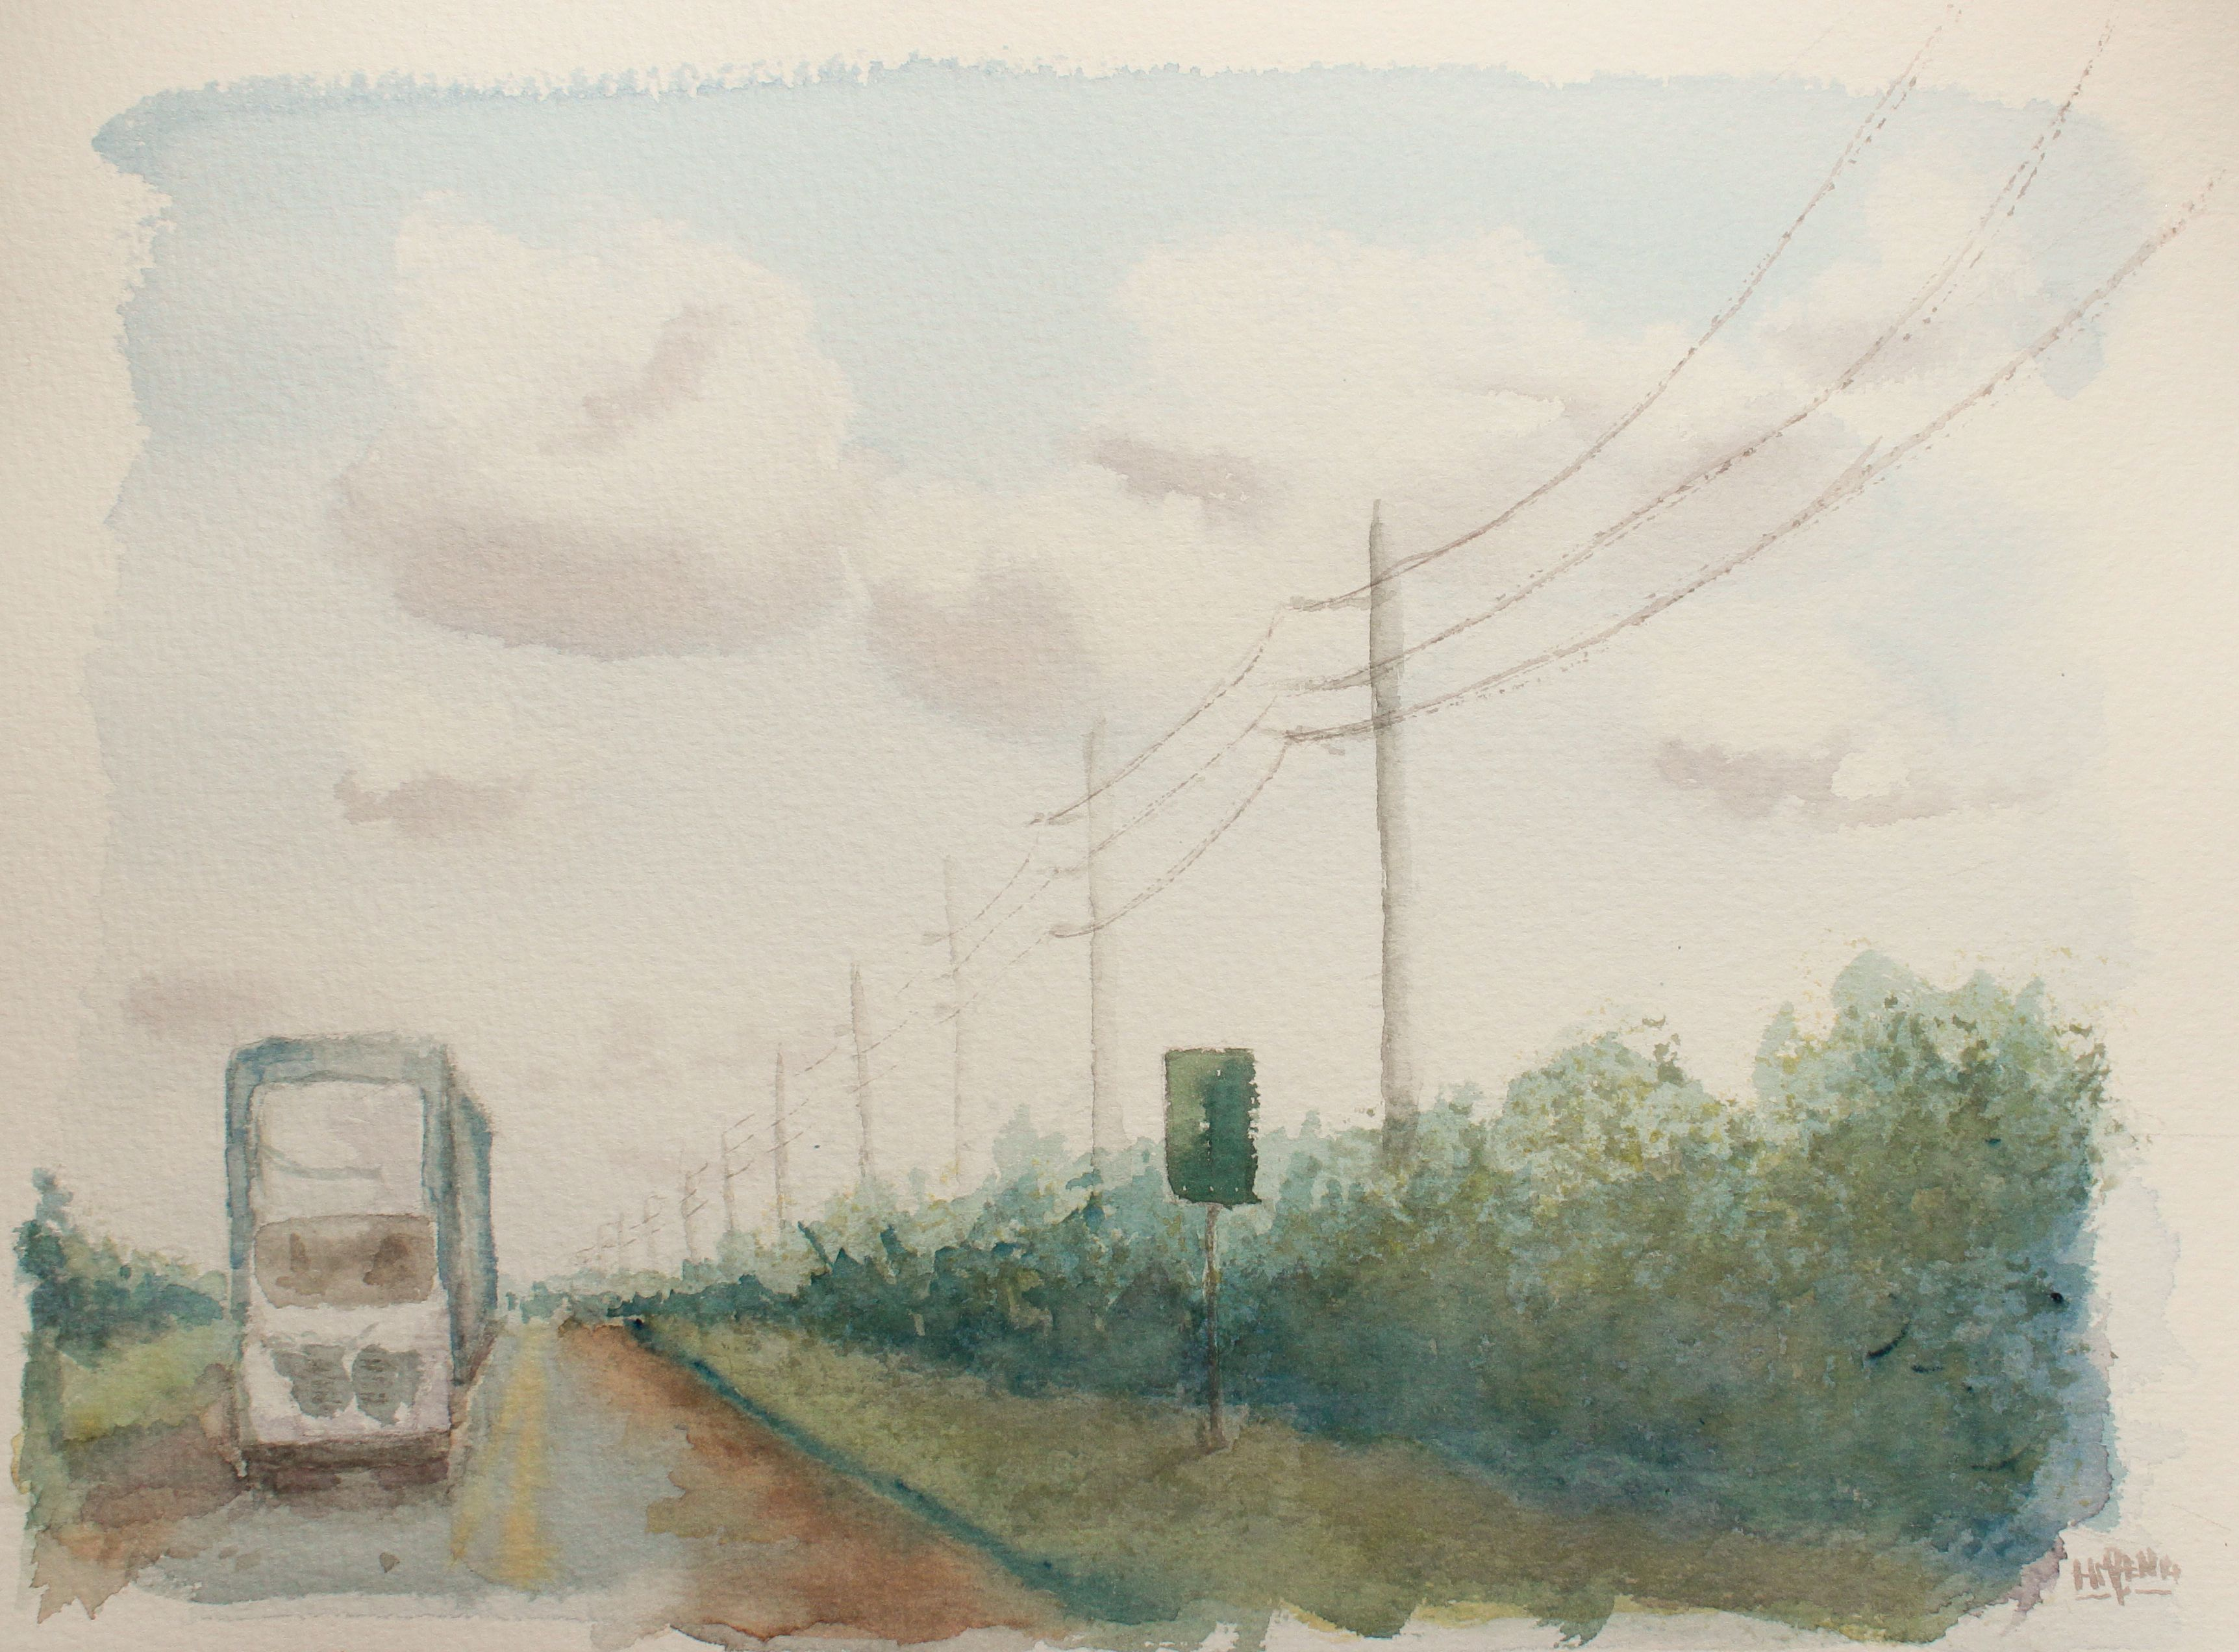 Acuarela de recuerdo del viaje a Orlando - Carretera a los Cayos. Watercolor to remember the trip to Orlando - Road  to the Keys. HMZEN'14